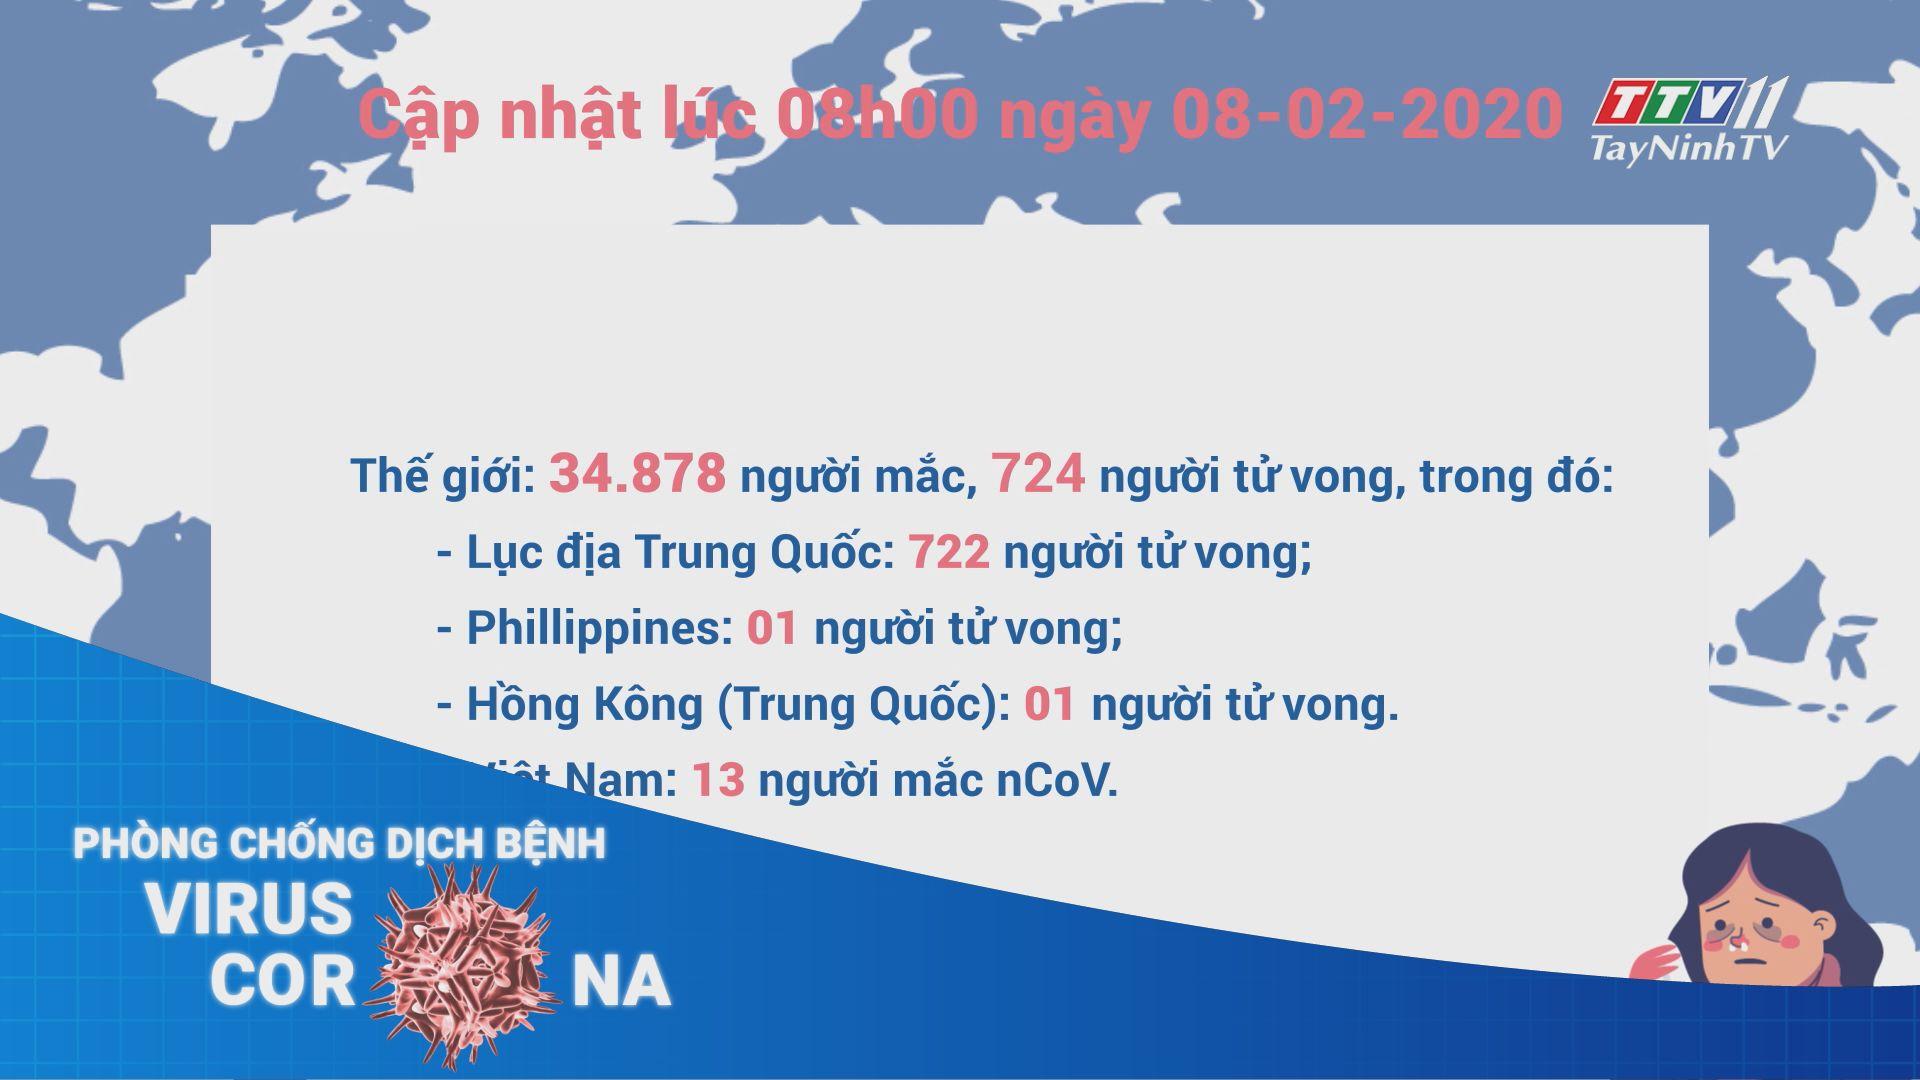 Cập nhật tình hình dịch bệnh viêm đường hô hấp do chủng mới của virus Corona (nCoV) đến 08 giờ ngày 08-02-2020 | TayNinhTV